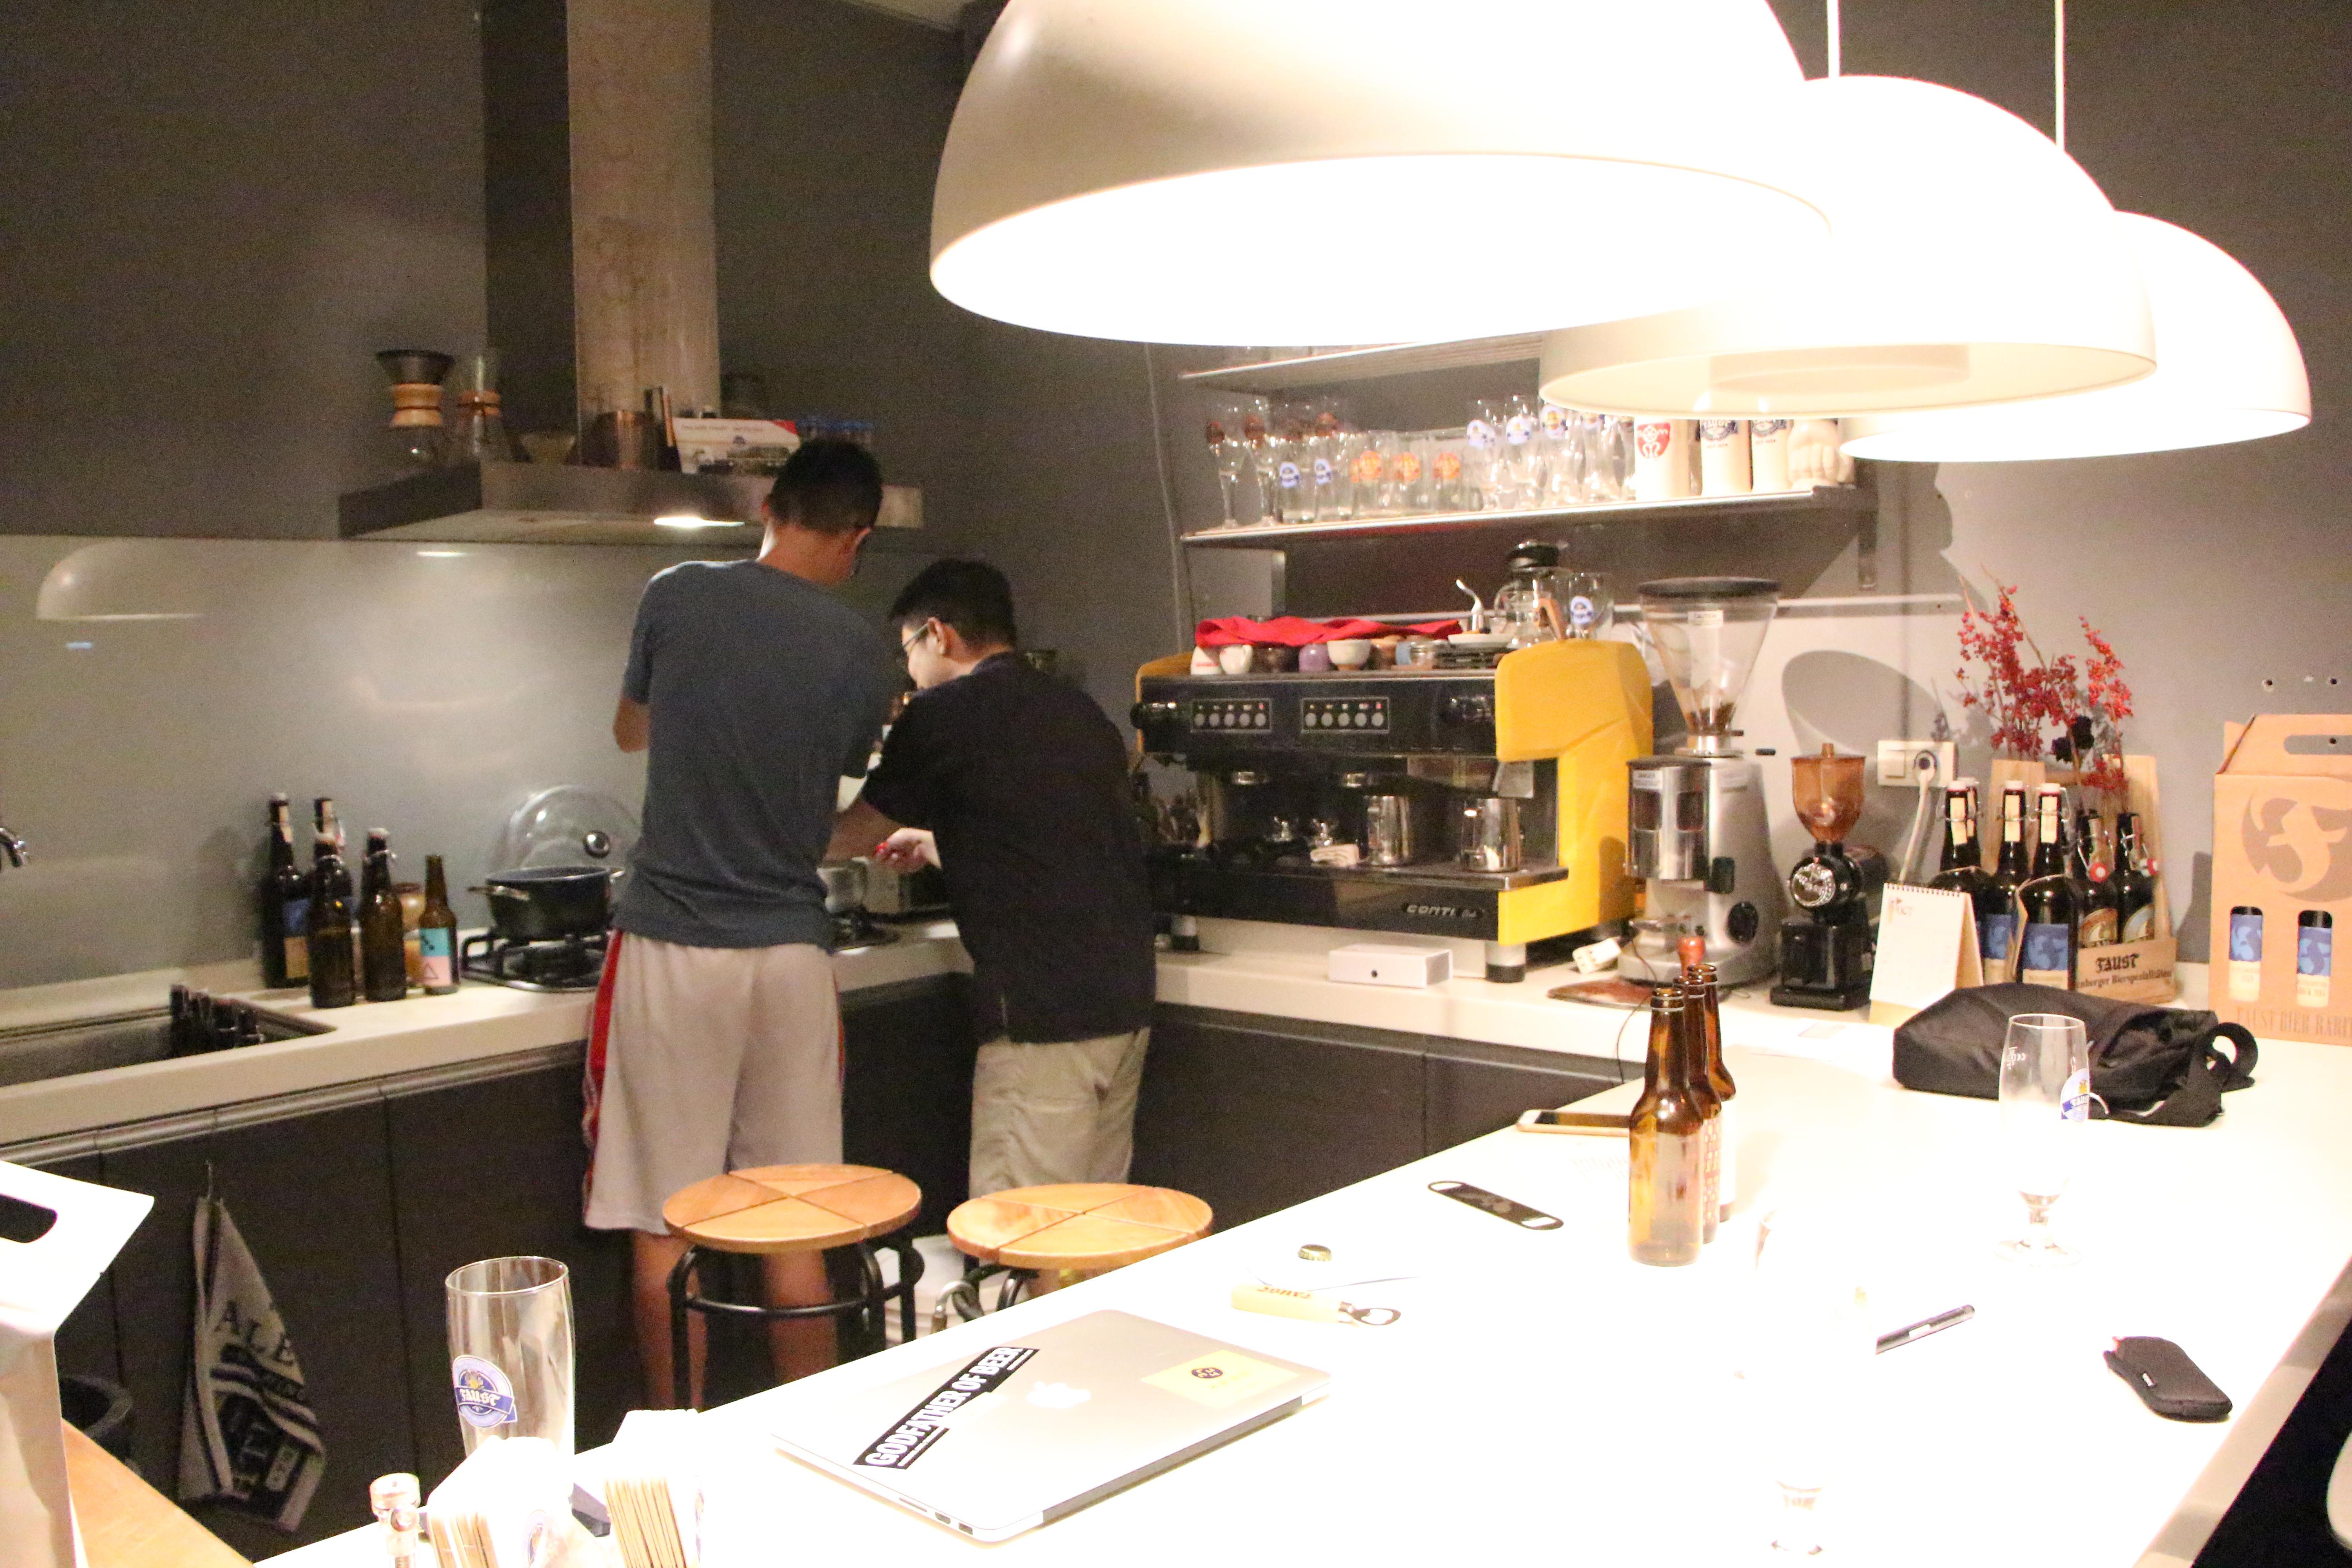 禾餘麥酒團隊專注於釀造和對台灣傳統弄夜的關懷,盼望藉由啤酒找回在地農作的價值。攝影/黃愔晴